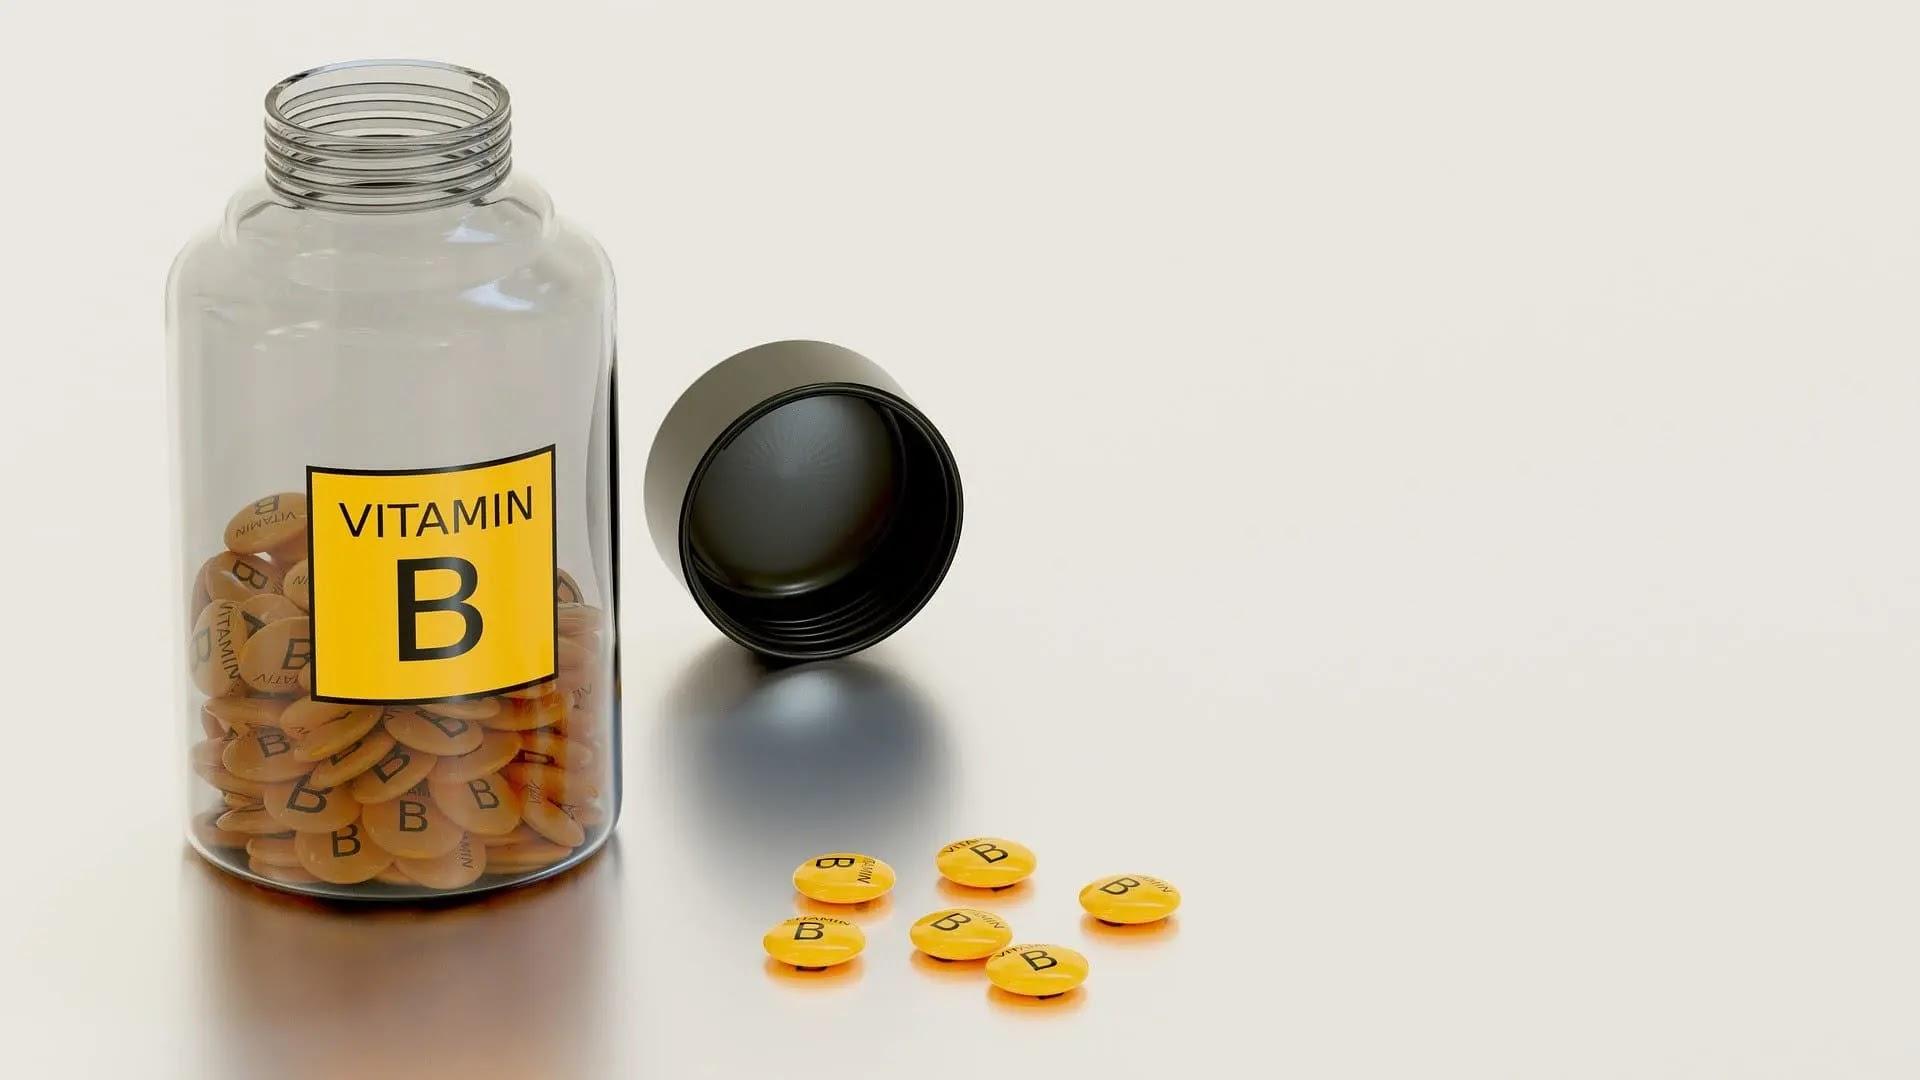 فوائد فيتامين B للشعر وطريقة استعمالة بالمنزل